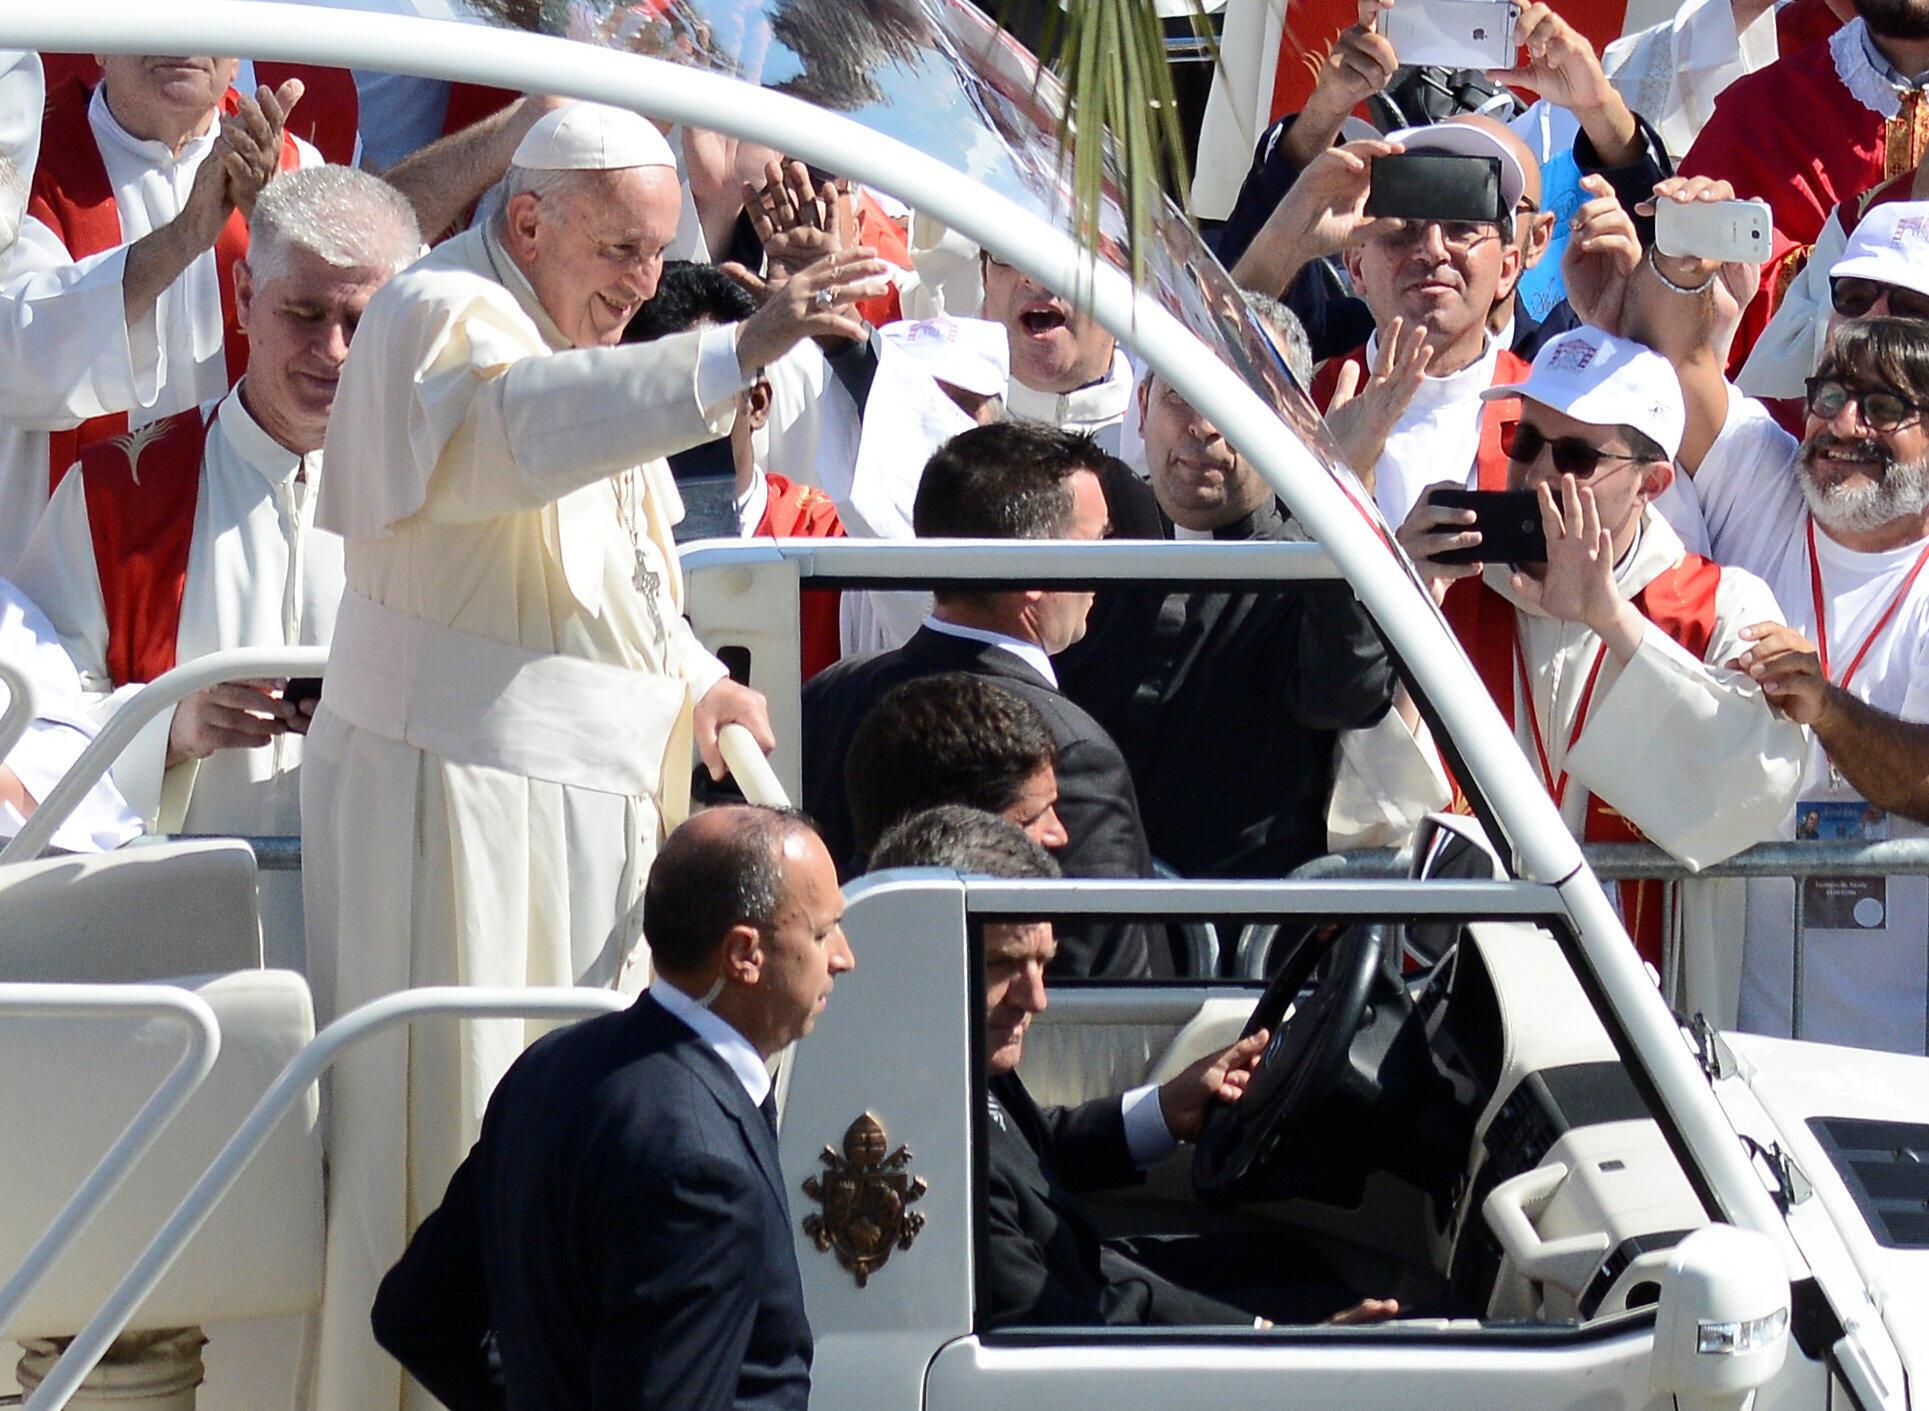 Le pape François est en visite ce samedi en Sicile, pour rendre hommage au prêtre Giuseppe Puglisi, assassiné par la mafia il y a 25 ans alors qu'il avait engagé une croisade contre la consommation de drogue chez les jeunes des quartiers pauvres.